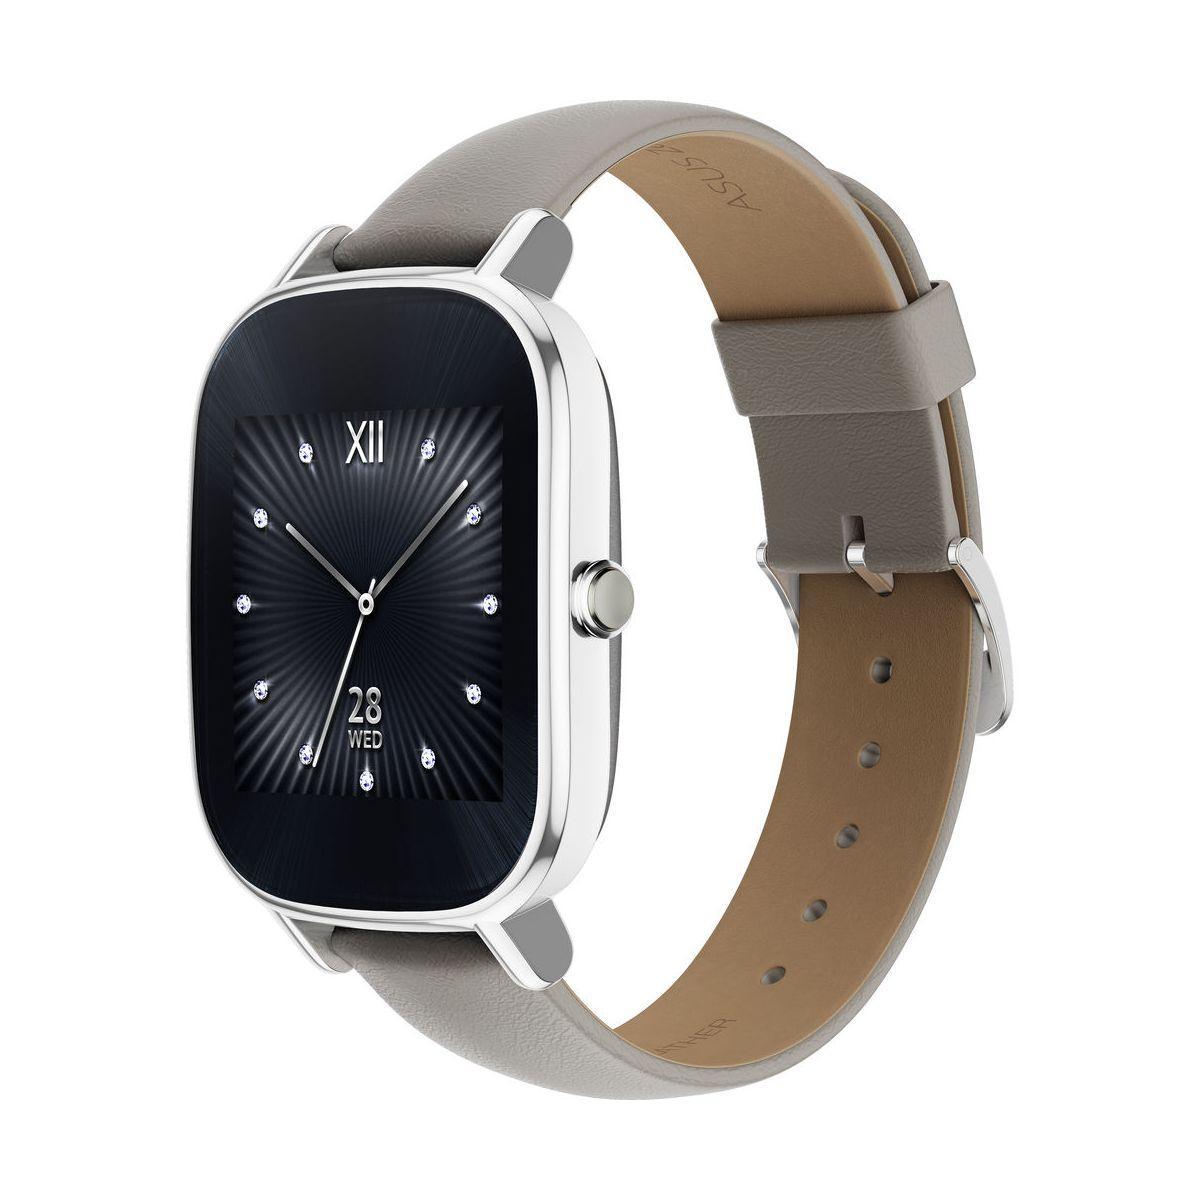 Montre asus zenwatch 2 beige cuir - 5% de remise immédiate avec le code : cool5 (photo)